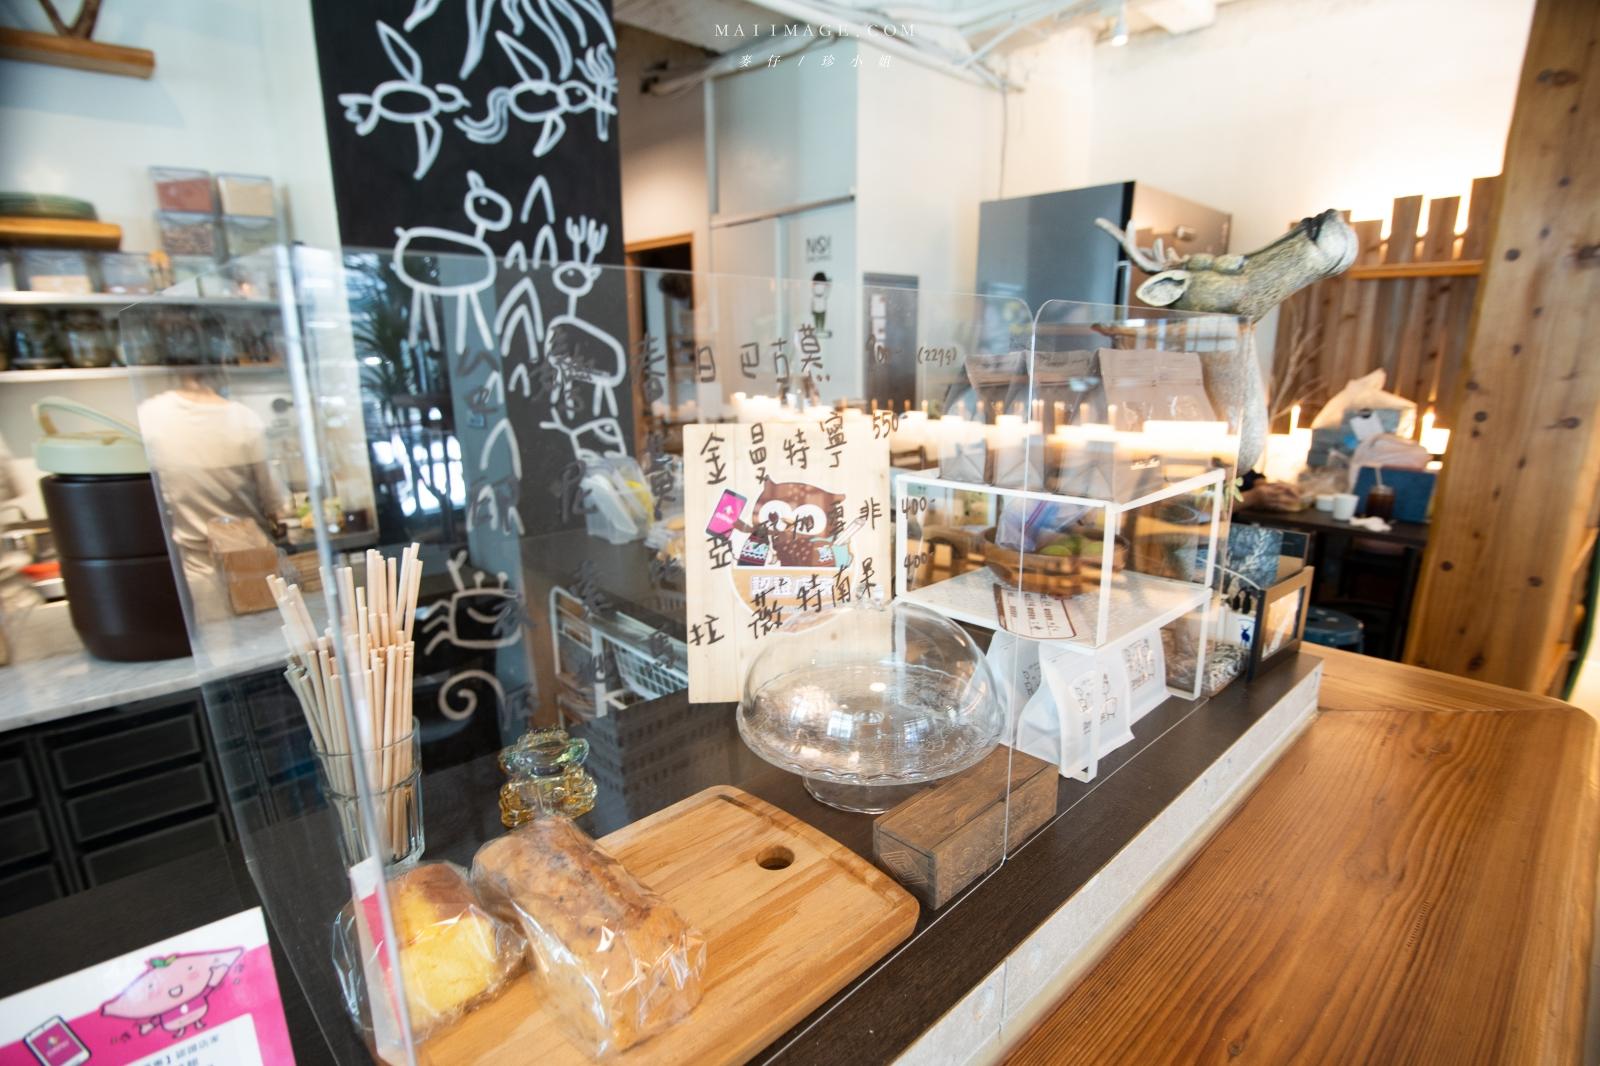 新竹東門商圈散策~來新竹一天玩不過癮!2021必訪店家通通收藏起來。新竹巷弄美食推薦